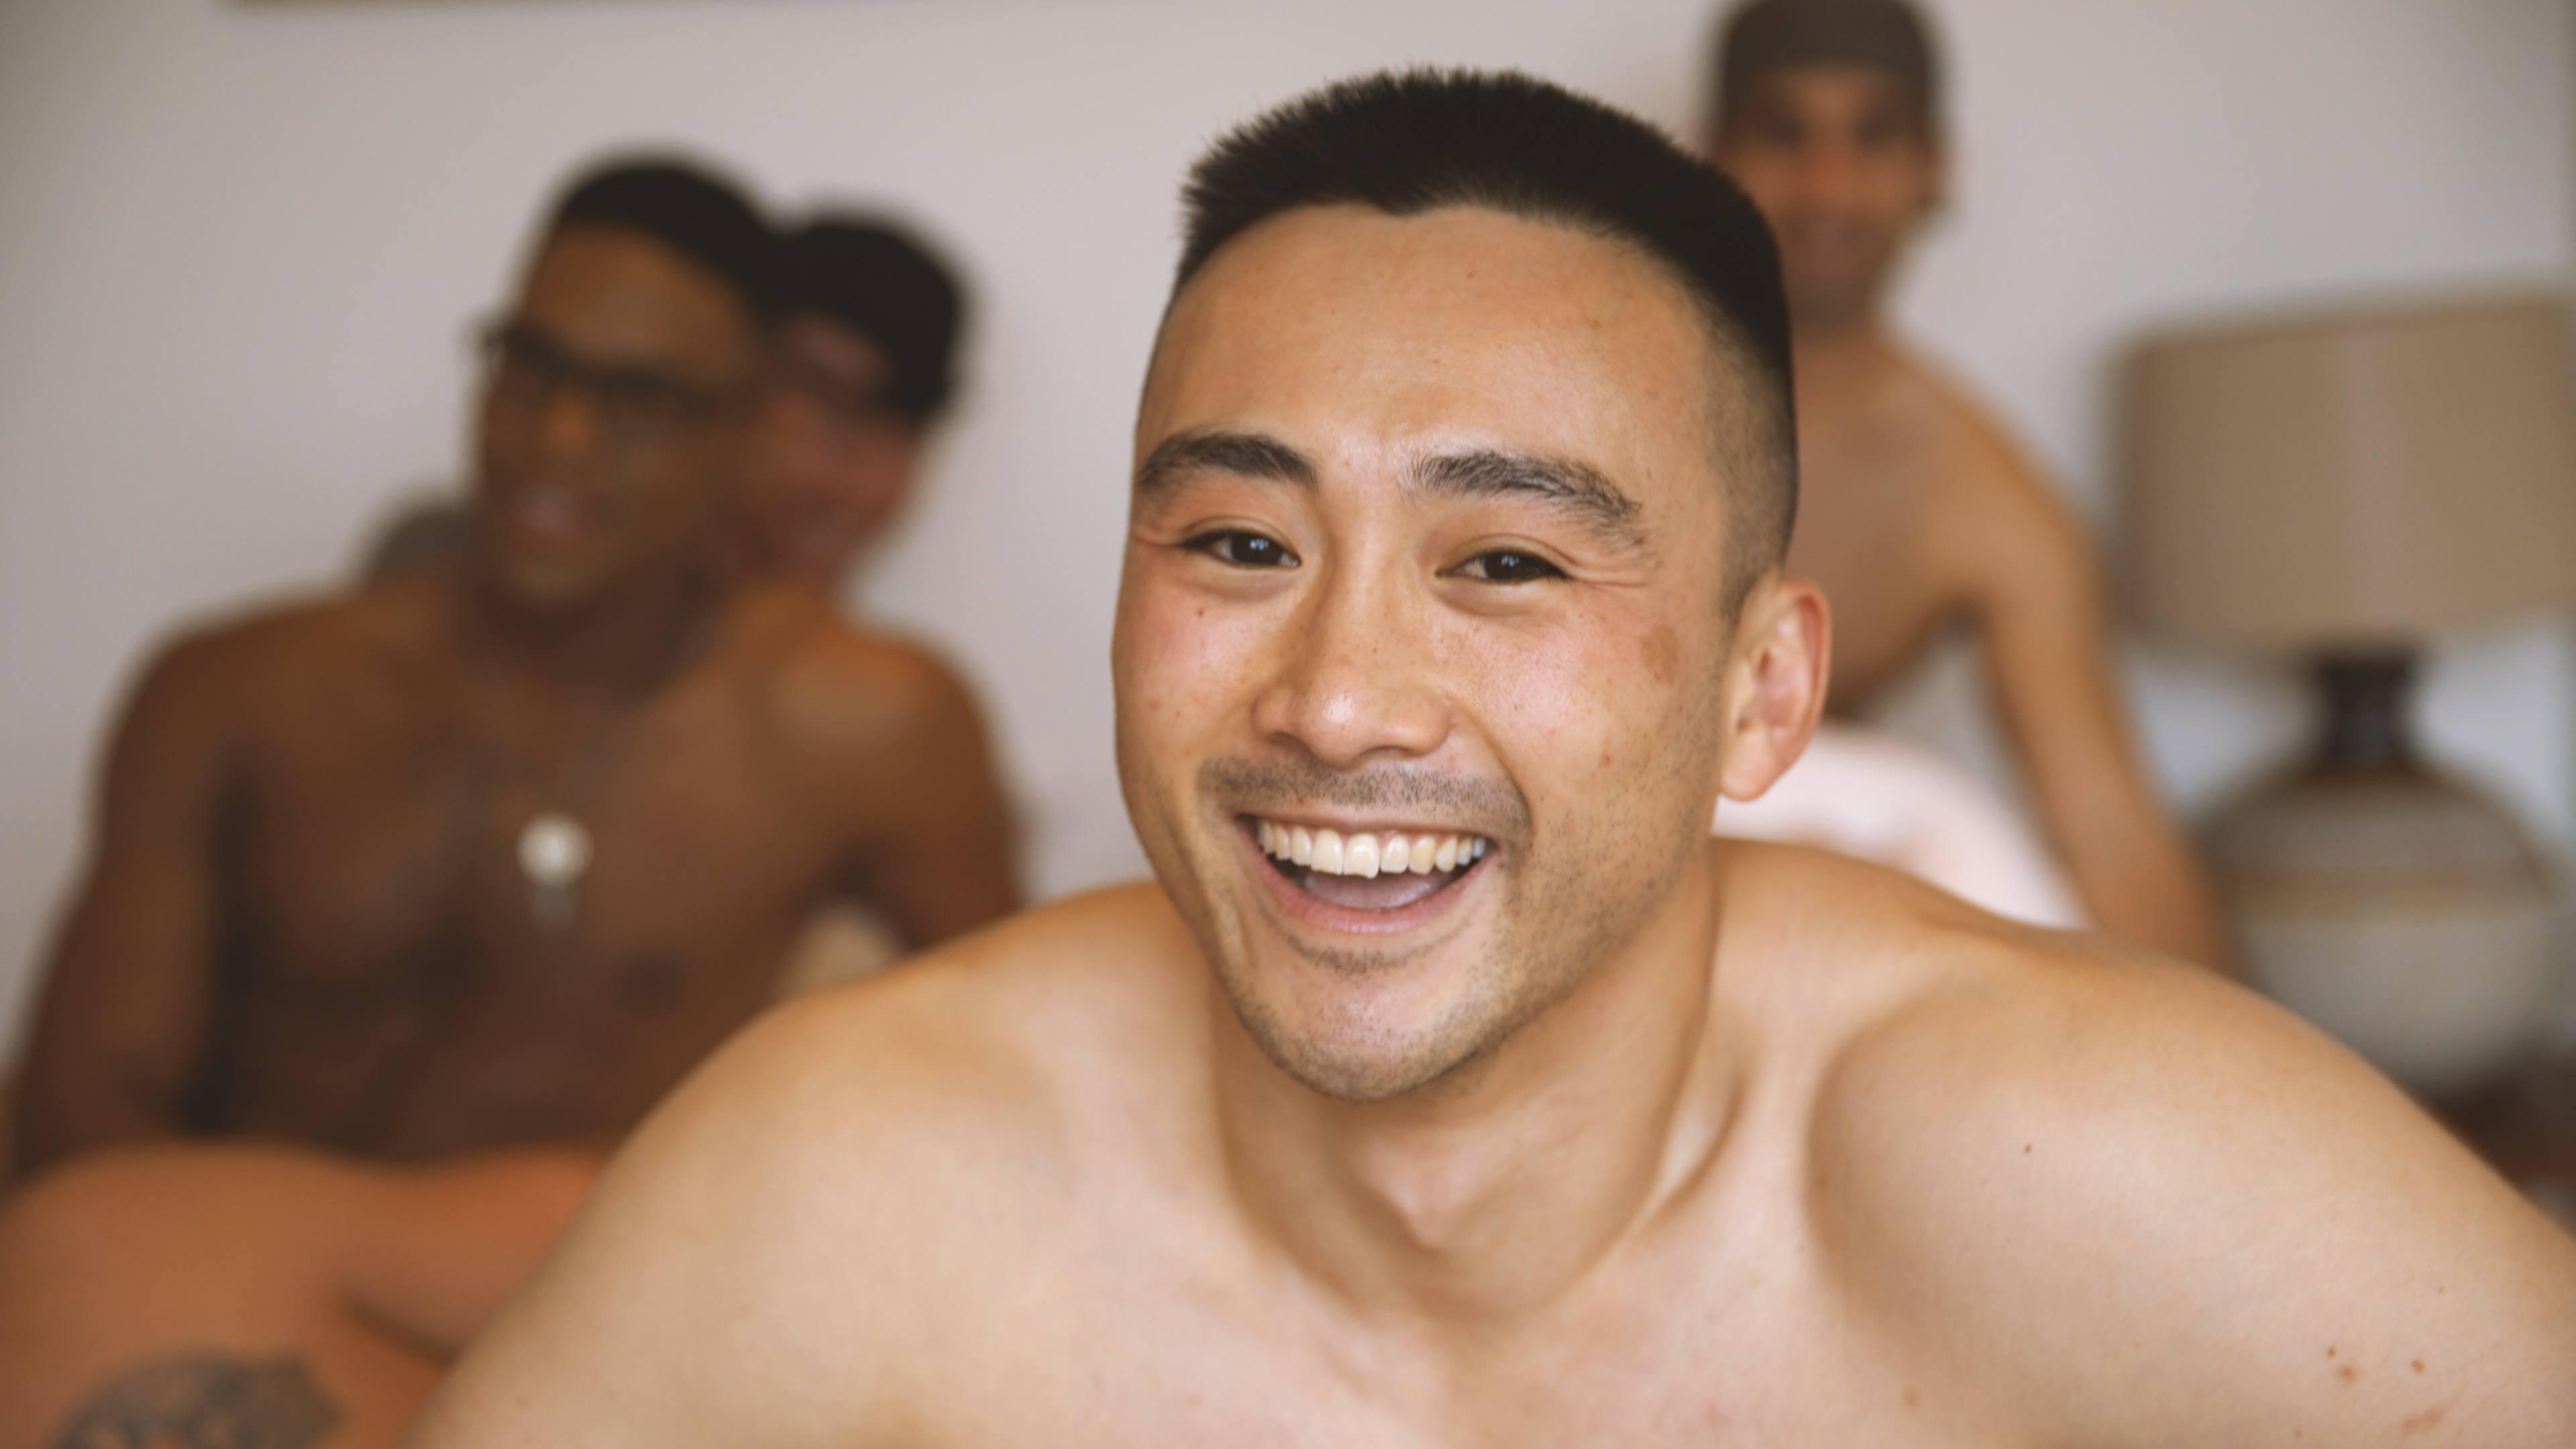 2018 gay sex advice 02 Alex Liu